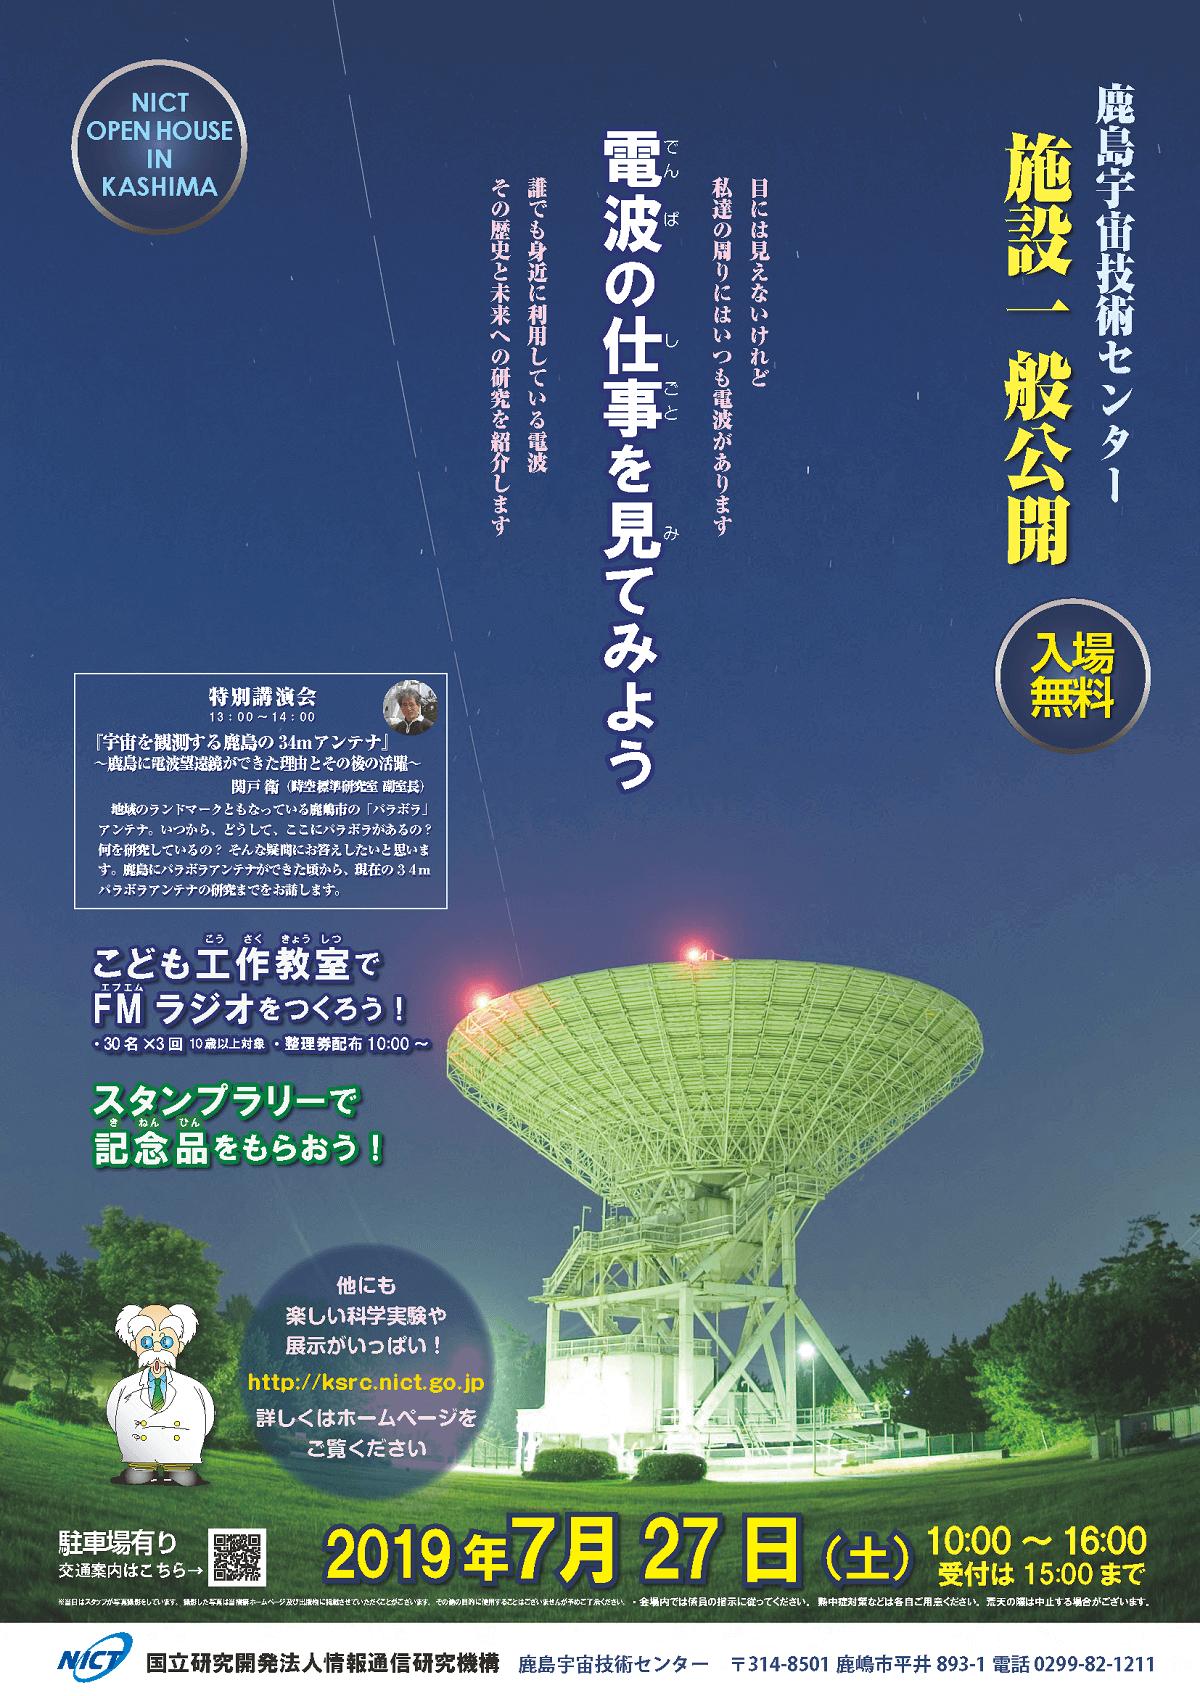 鹿島宇宙技術センター施設一般公開 案内ポスター